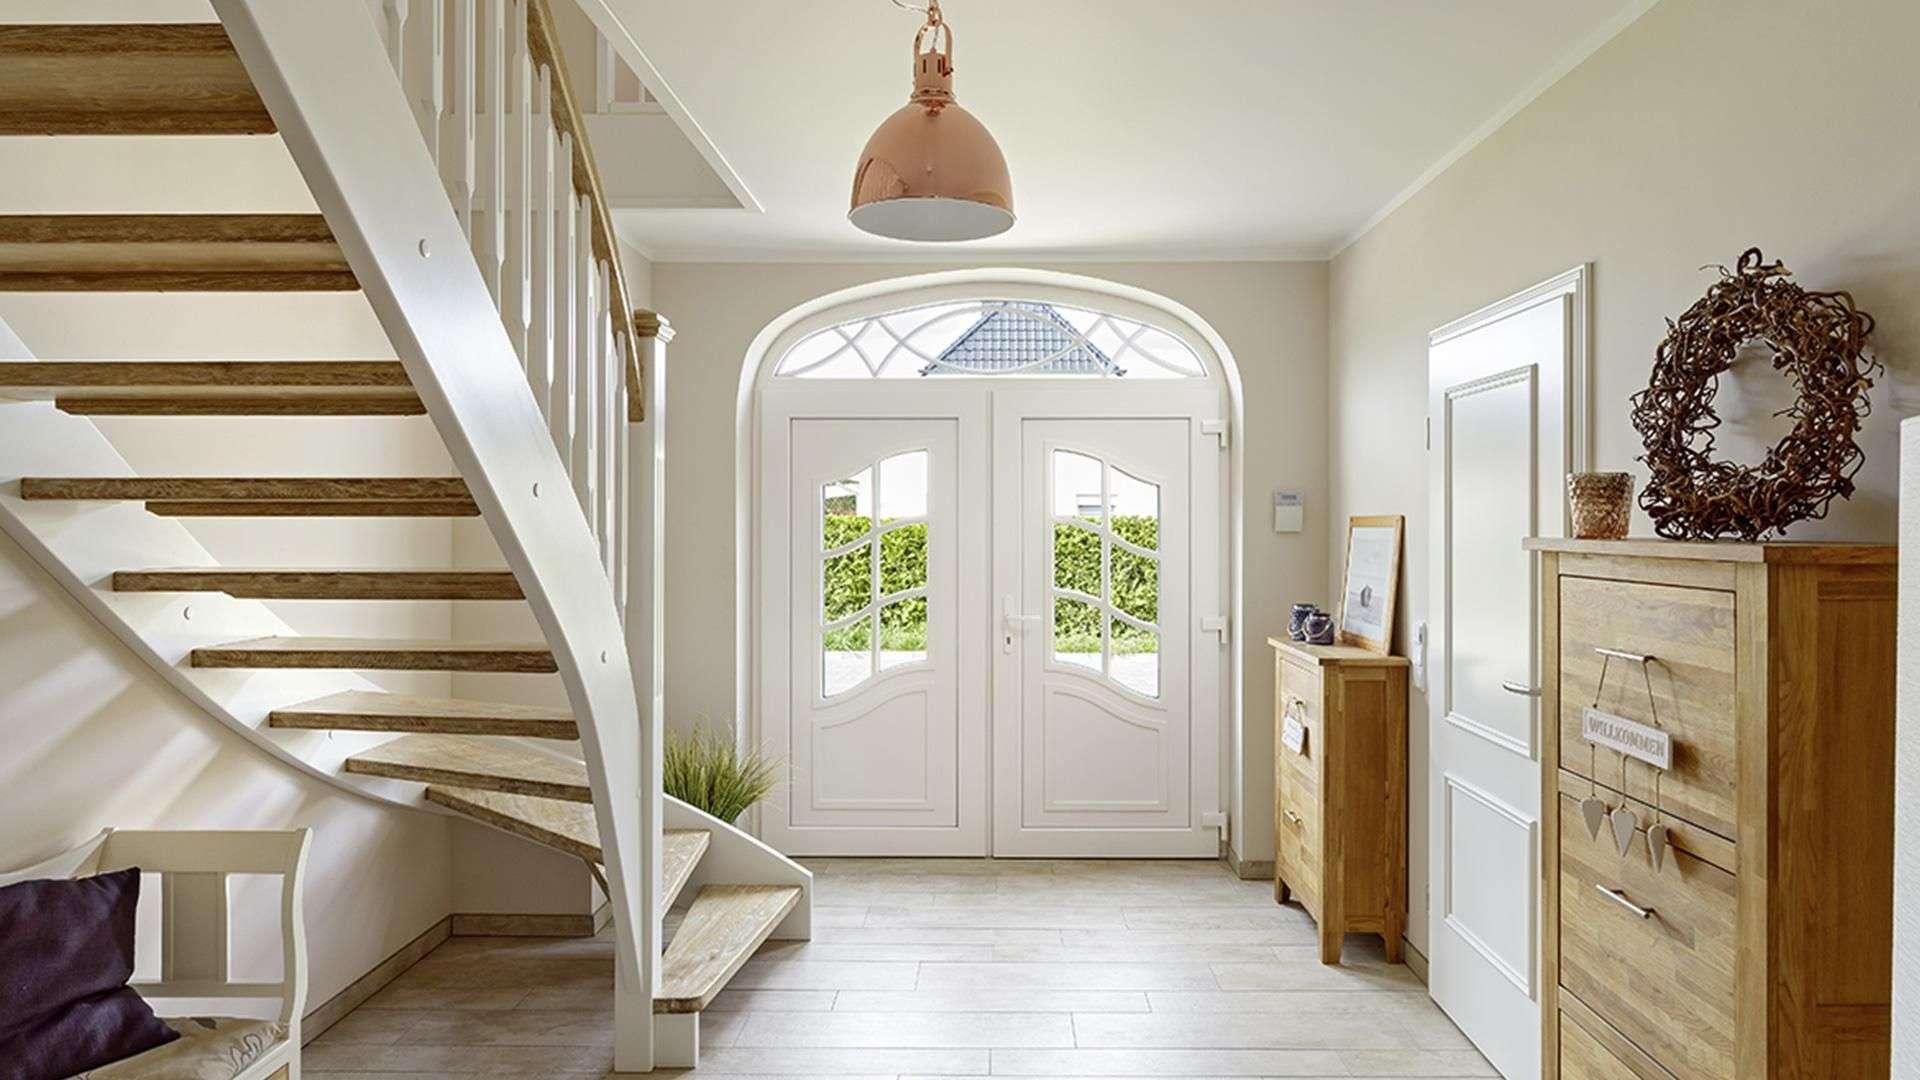 Eingangsbereich eines Hauses mit weißer Rundbogenhaustür und Holztreppe in die erste Etage